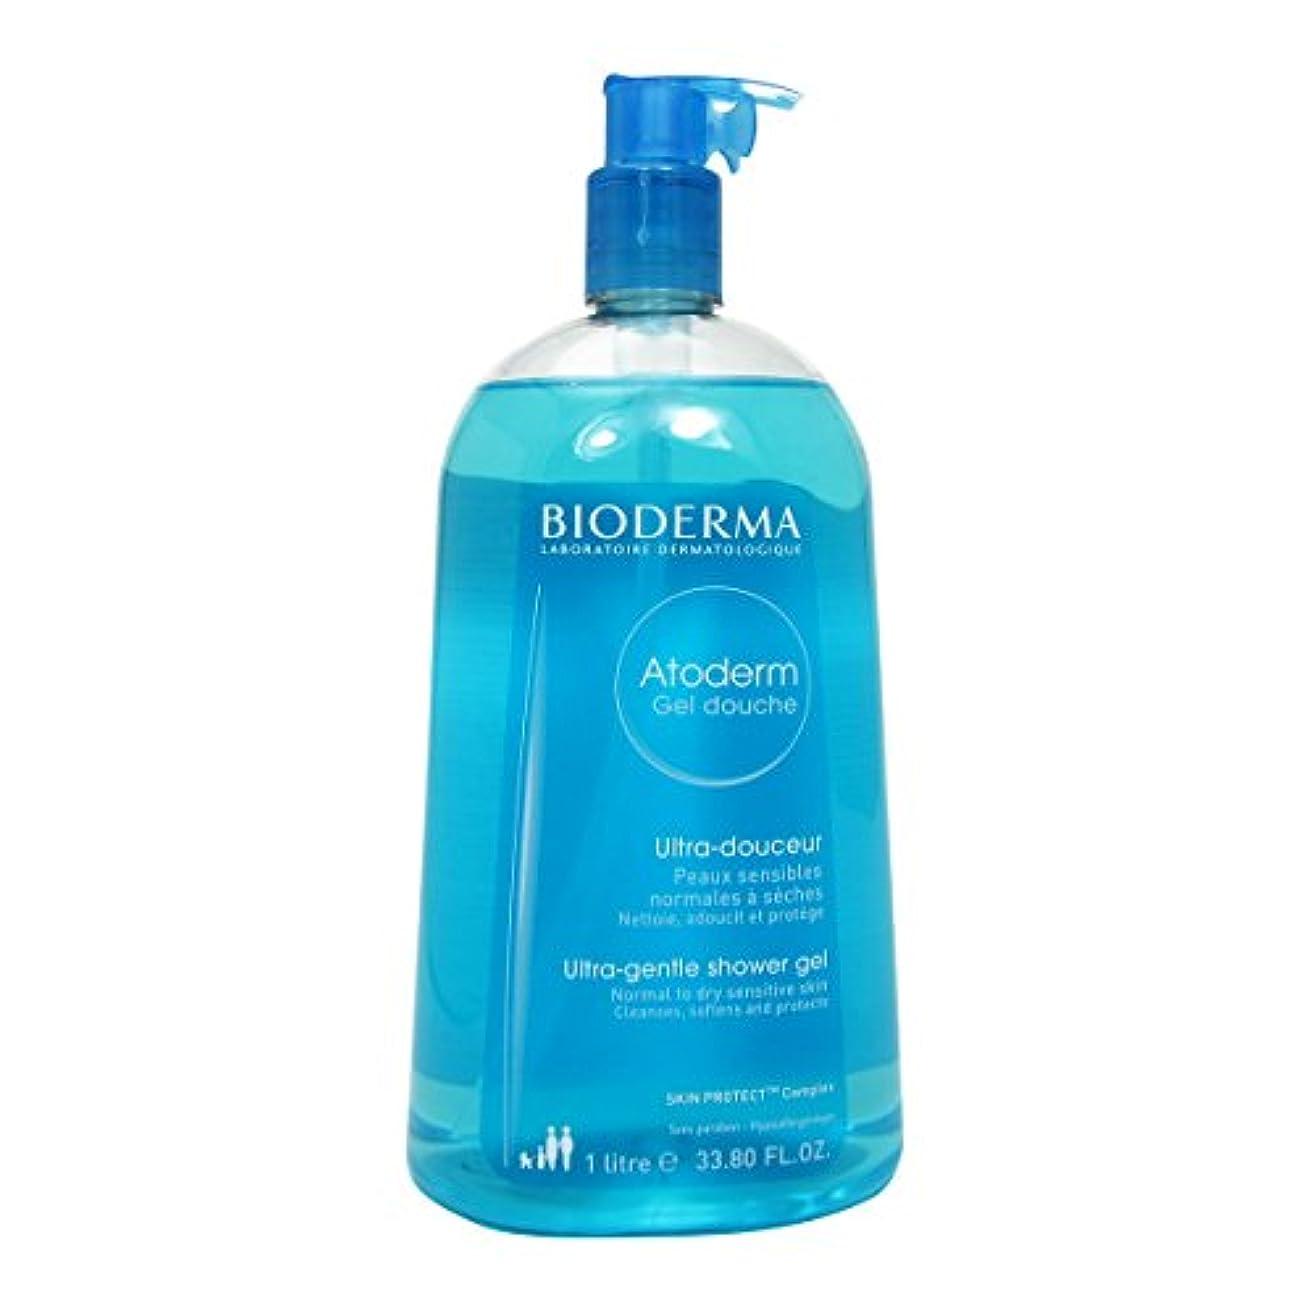 論理的に定期的な崇拝しますBioderma Atoderm Gentle Shower Gel 1000ml [並行輸入品]